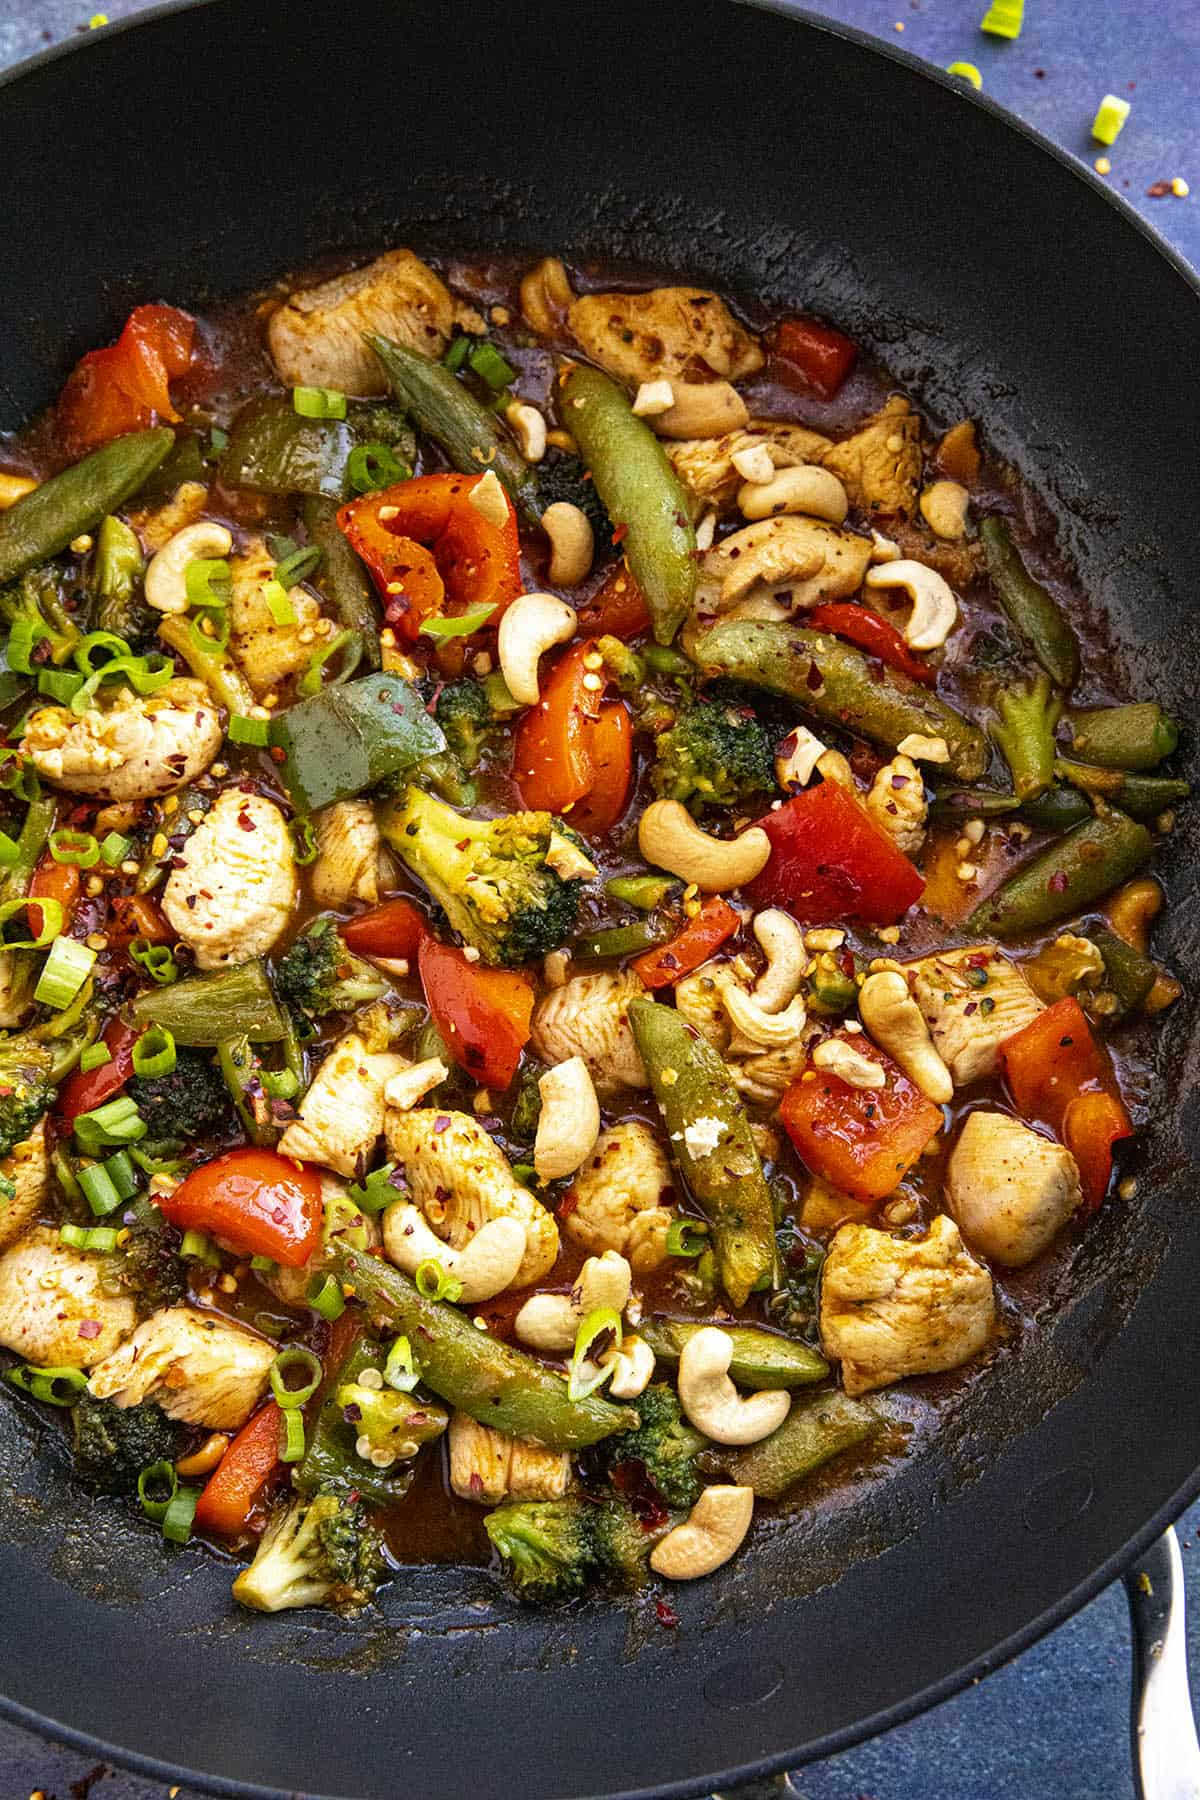 Chicken Stir Fry in a pan